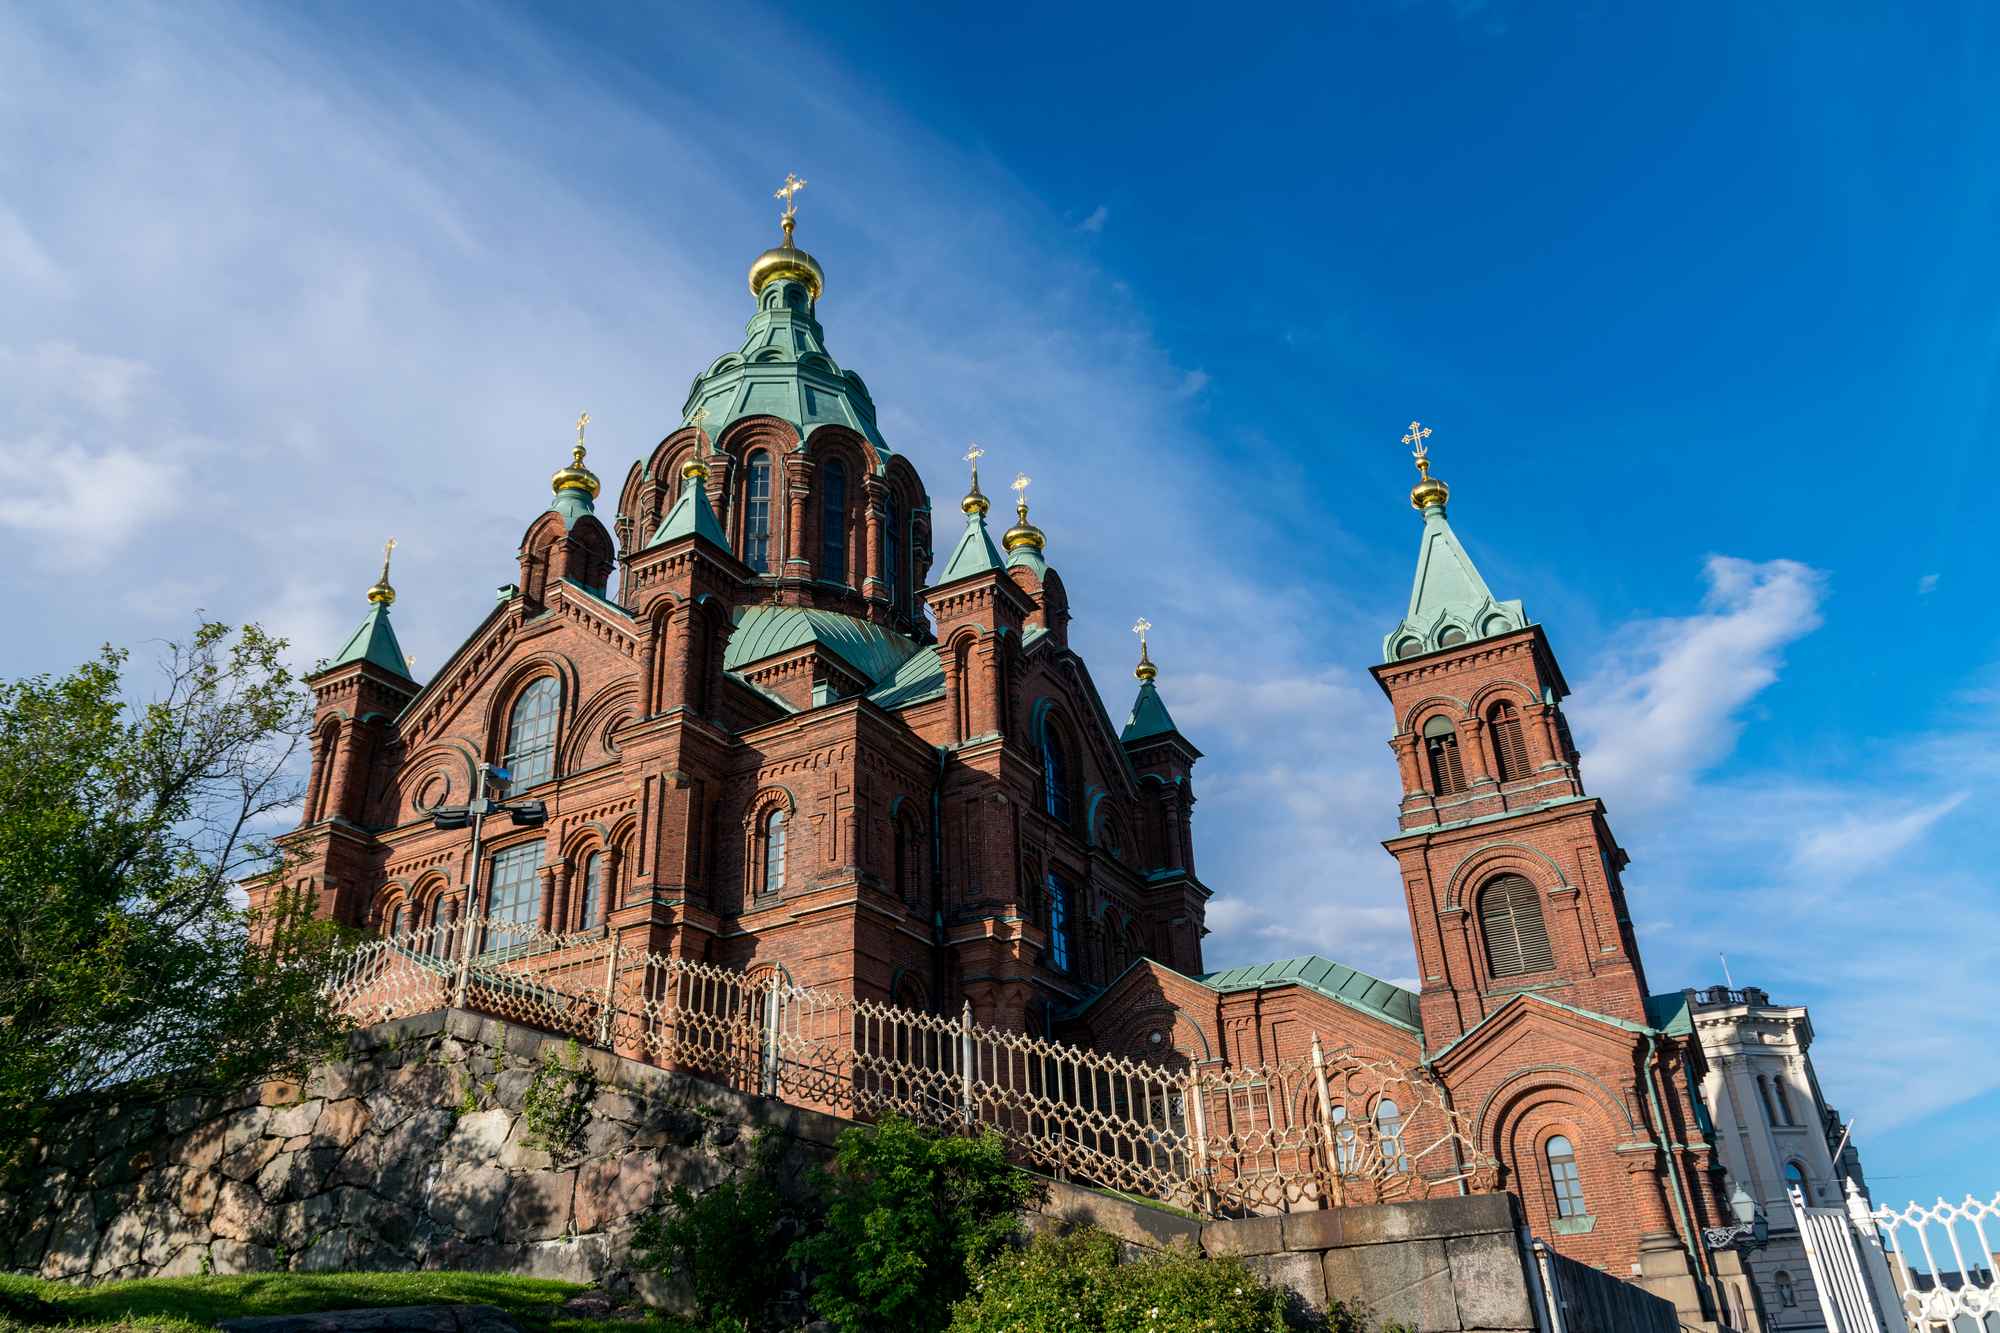 Helsingin nähtävyydet: Uspenskin katedraali